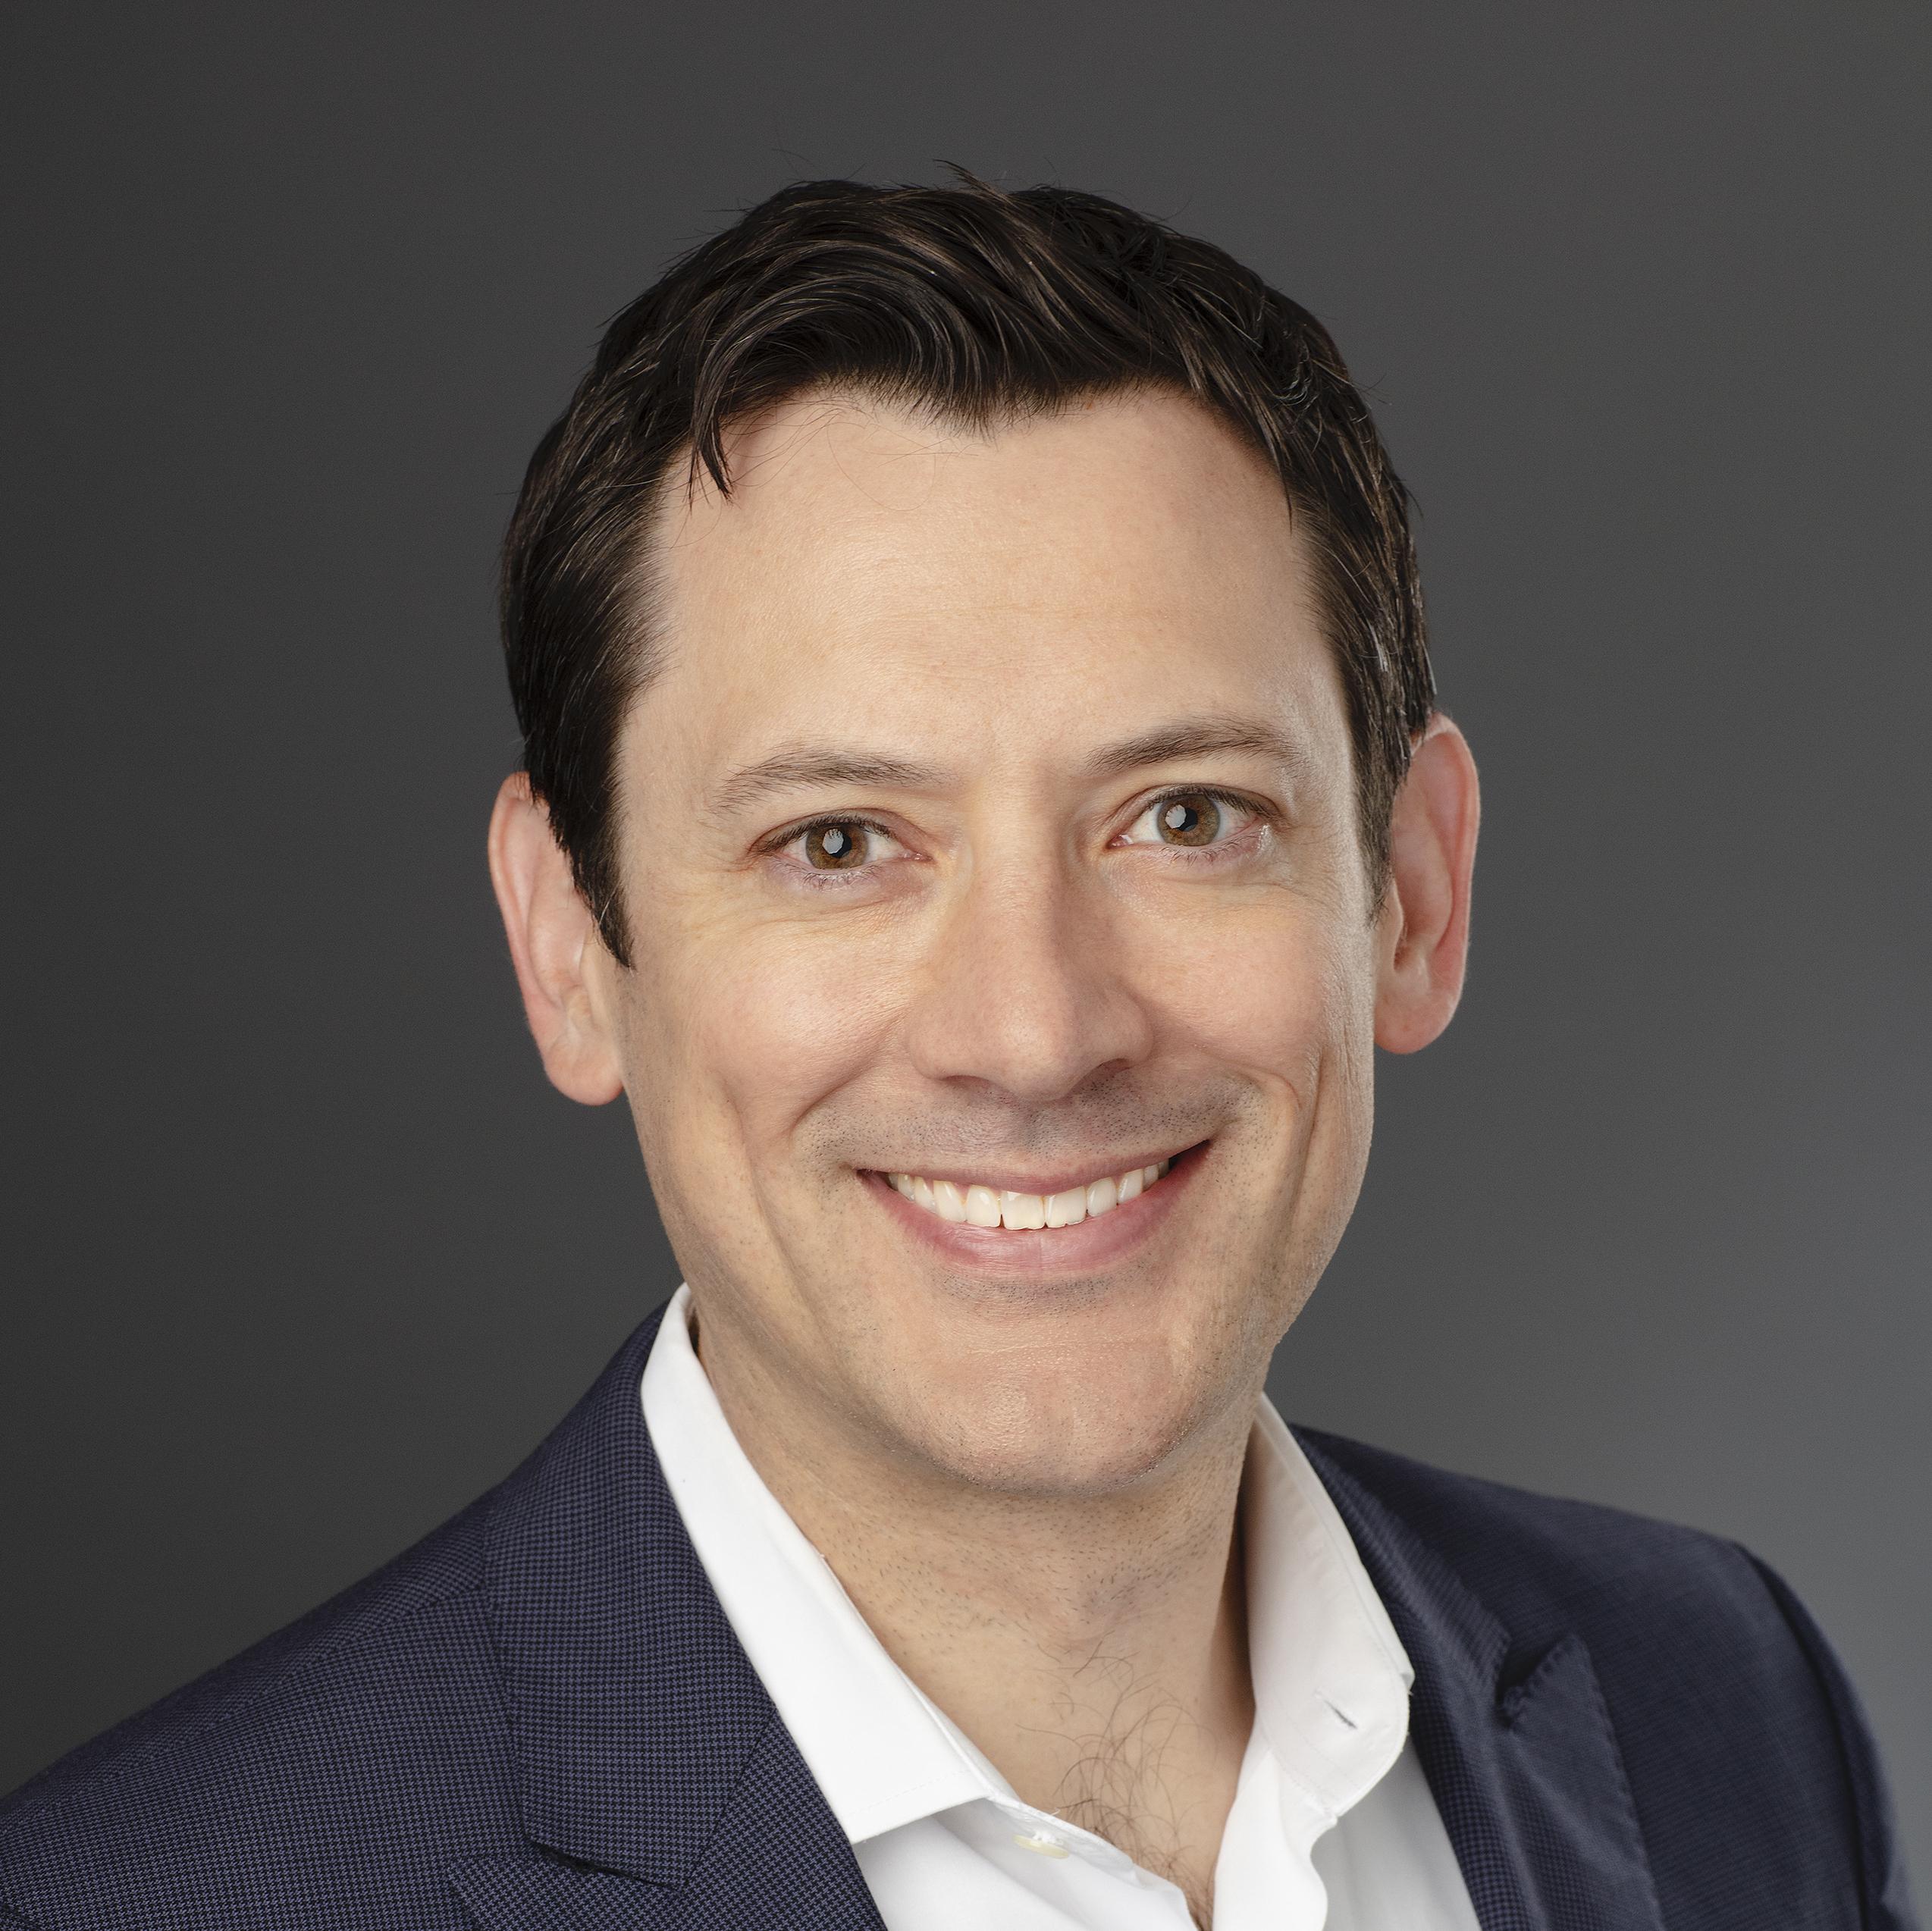 Mark Rotblat